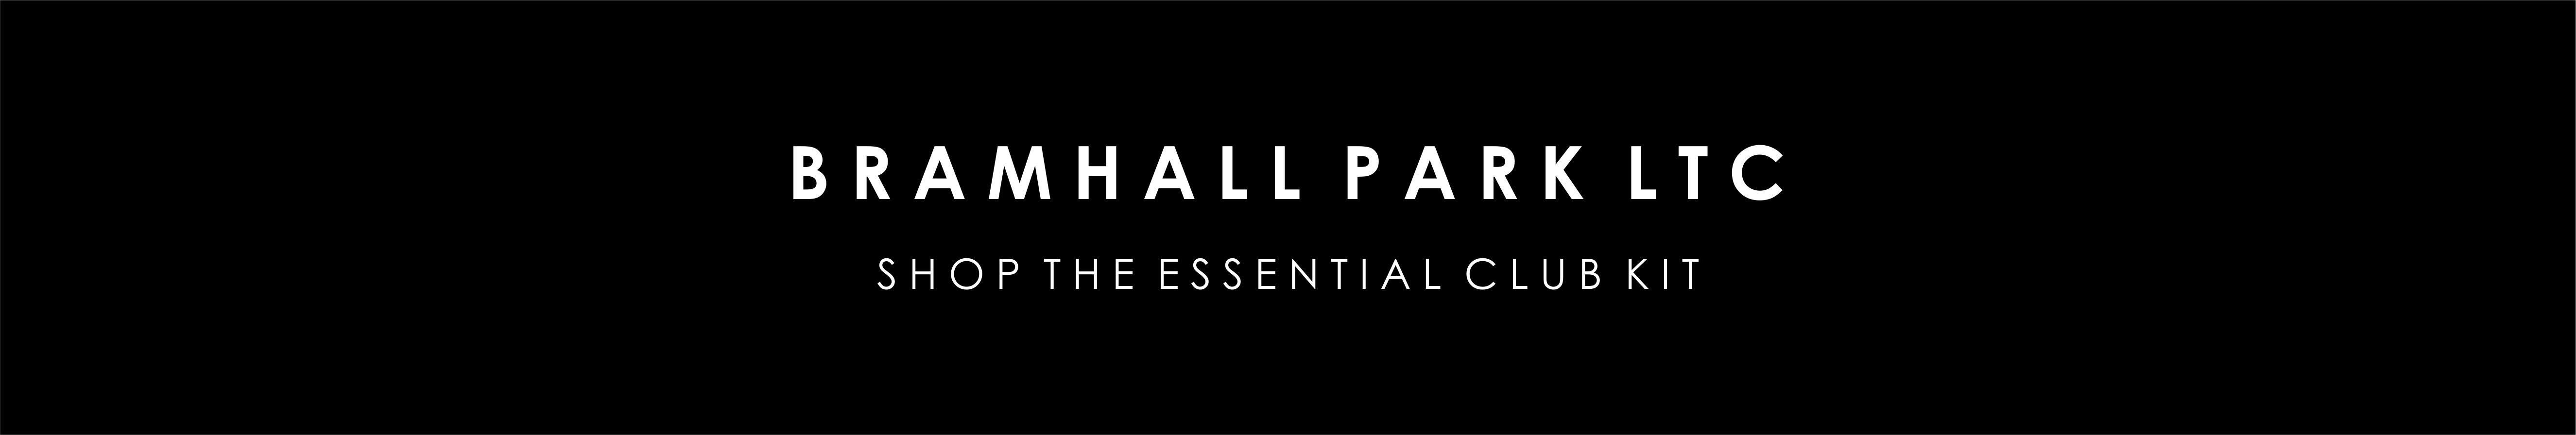 bramhall-park-lawn-tennis-club-banner.jpg